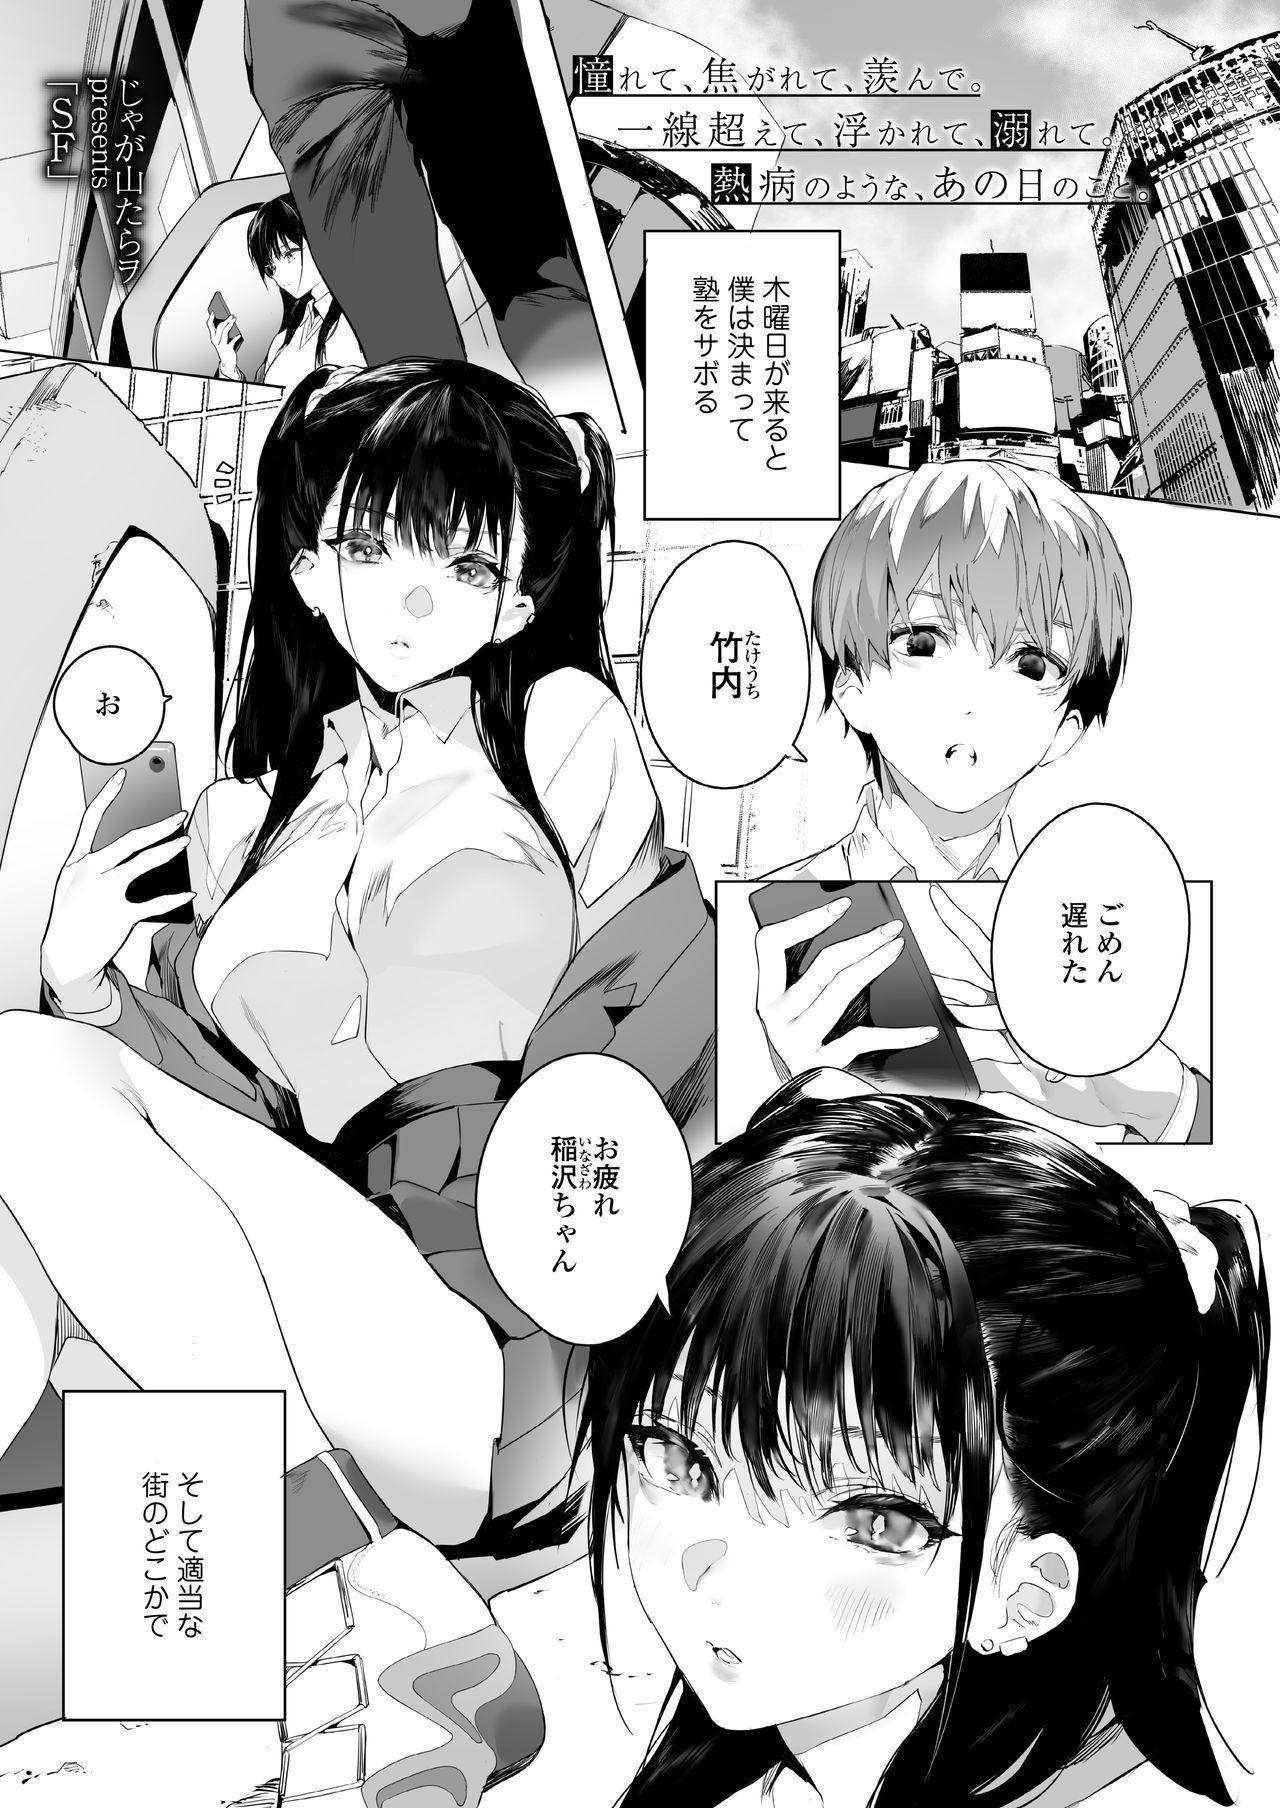 COMIC AOHA 2021 Natsu 28